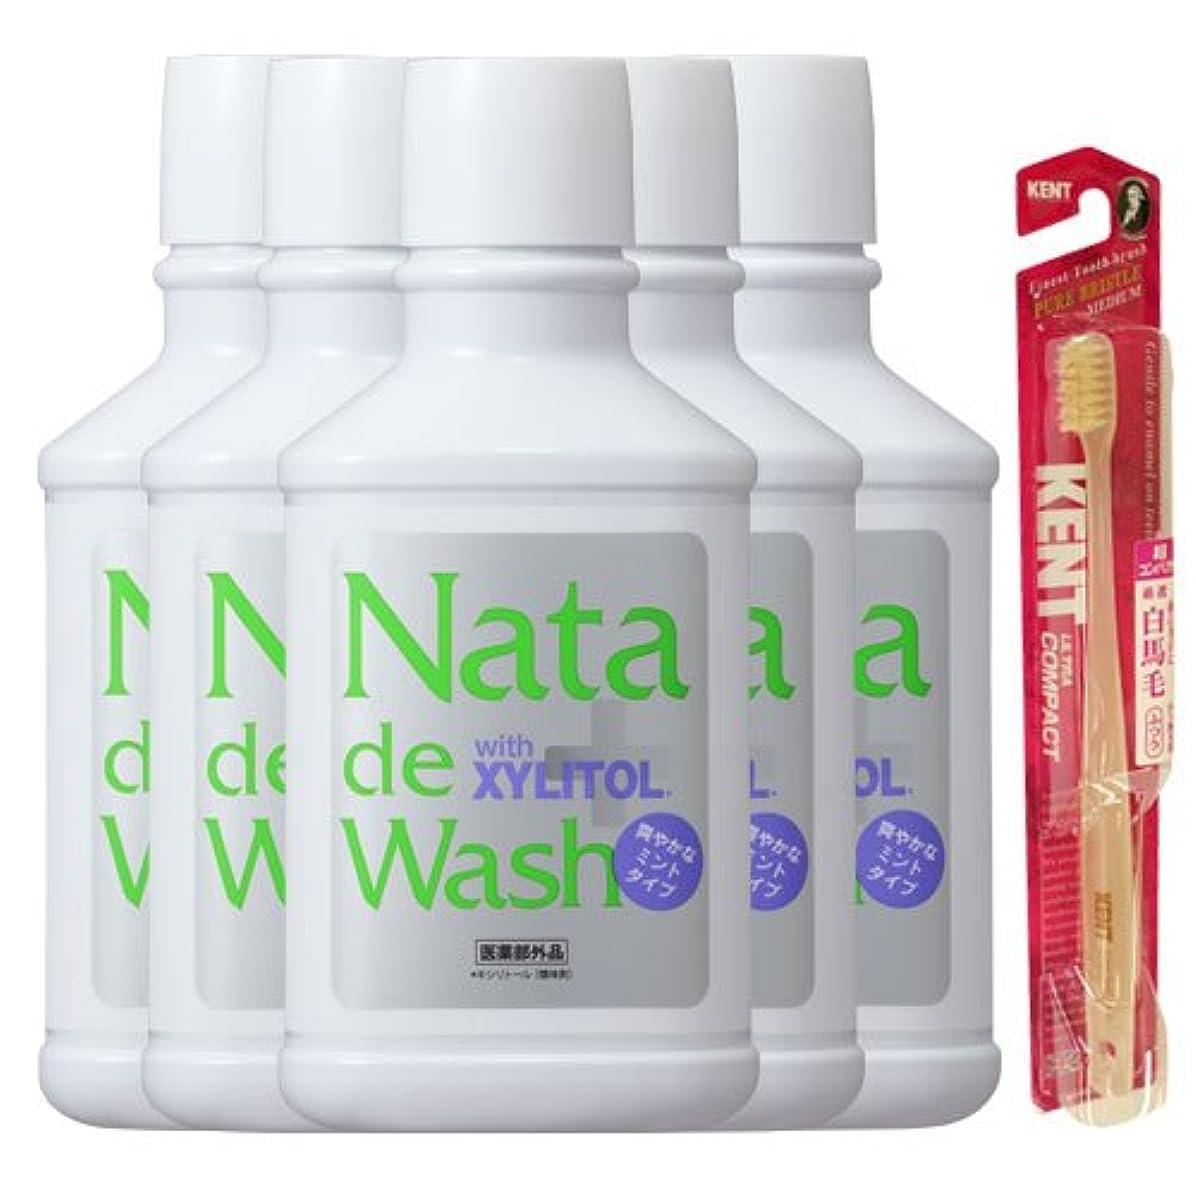 エイリアス穀物迷路薬用ナタデウォッシュ 爽やかなミントタイプ 500ml 5本& KENT歯ブラシ1本プレゼント